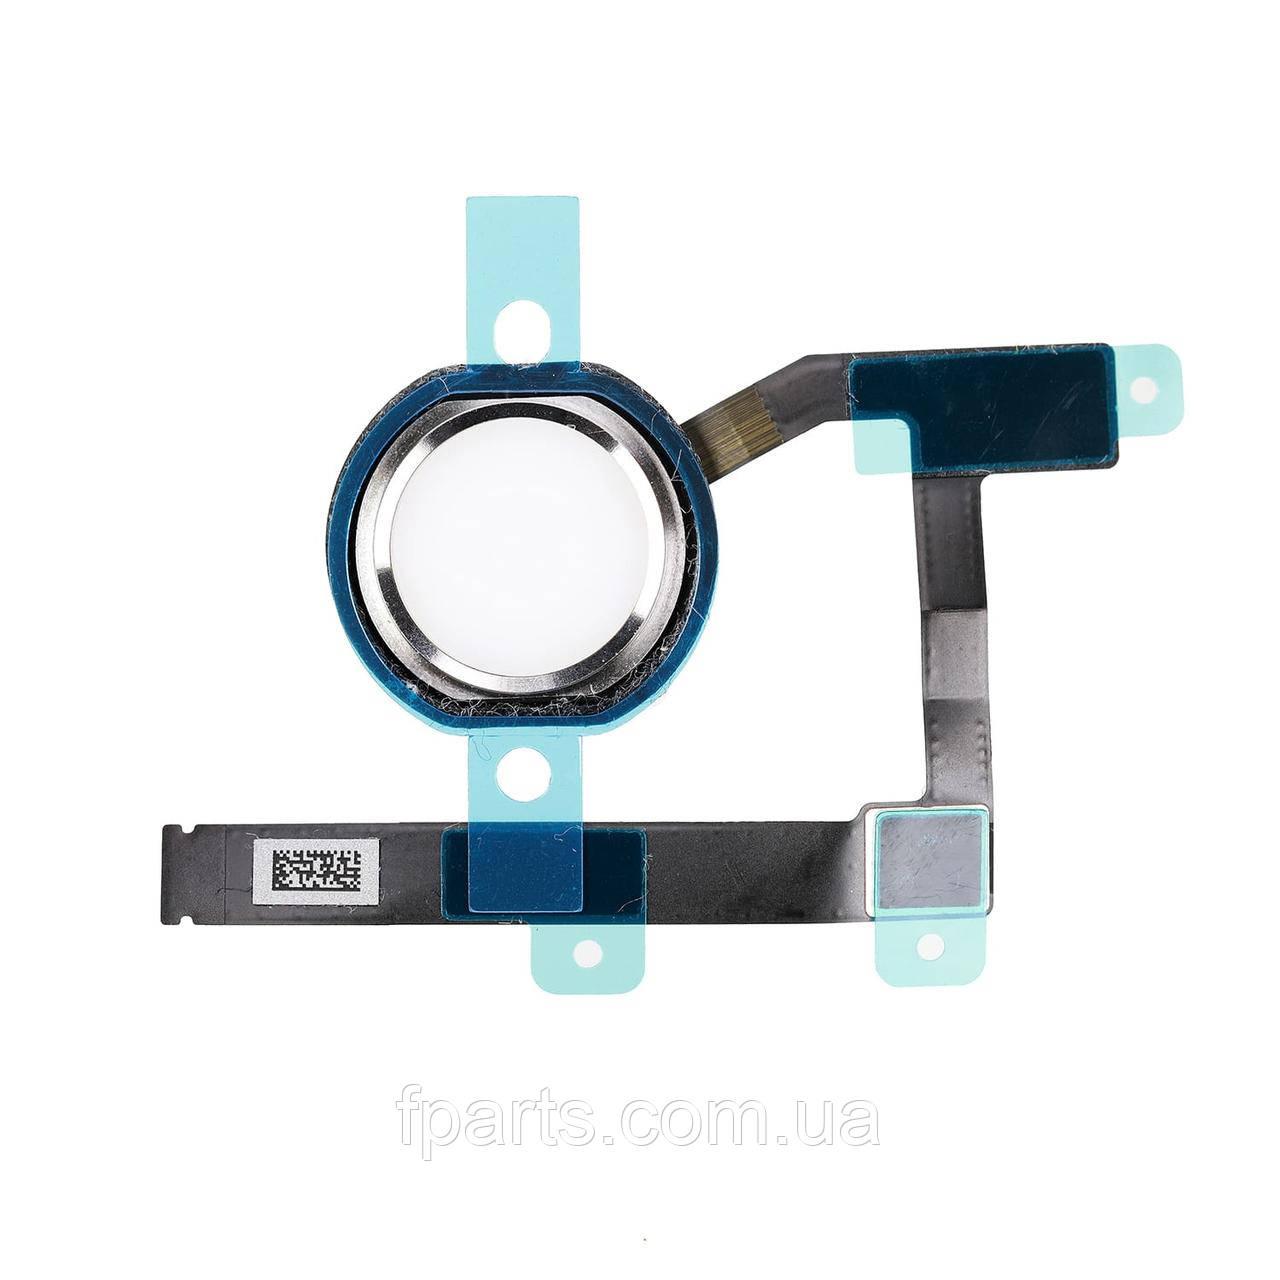 Шлейф iPad mini 5 (A2124, A2125, A2126, A2133) кнопка HOME, White